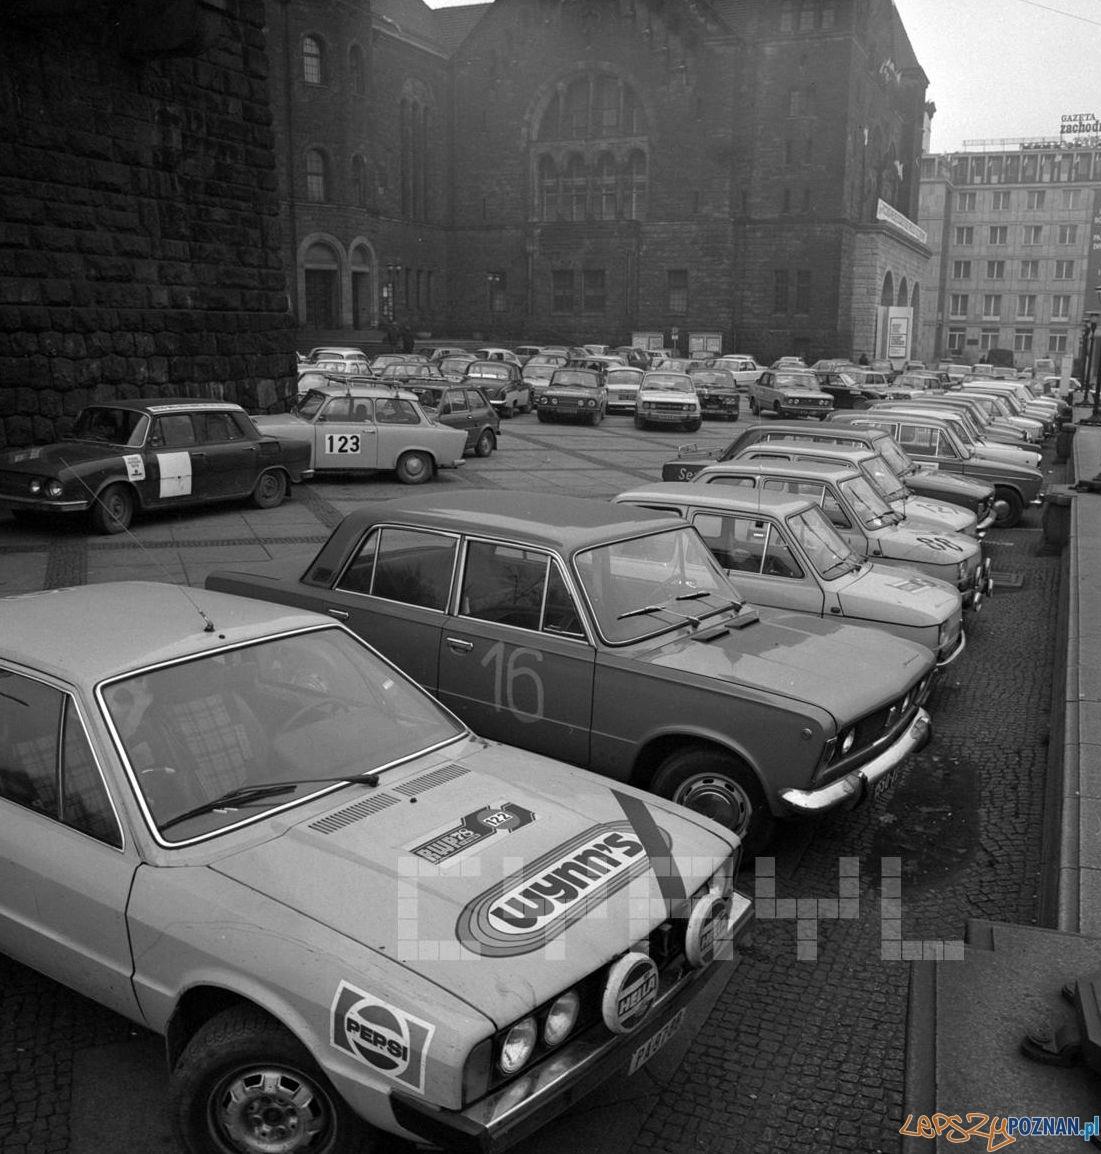 Sportowe auta przed Pałacem Kultury (dziś CK Zamek) 27.10.1978